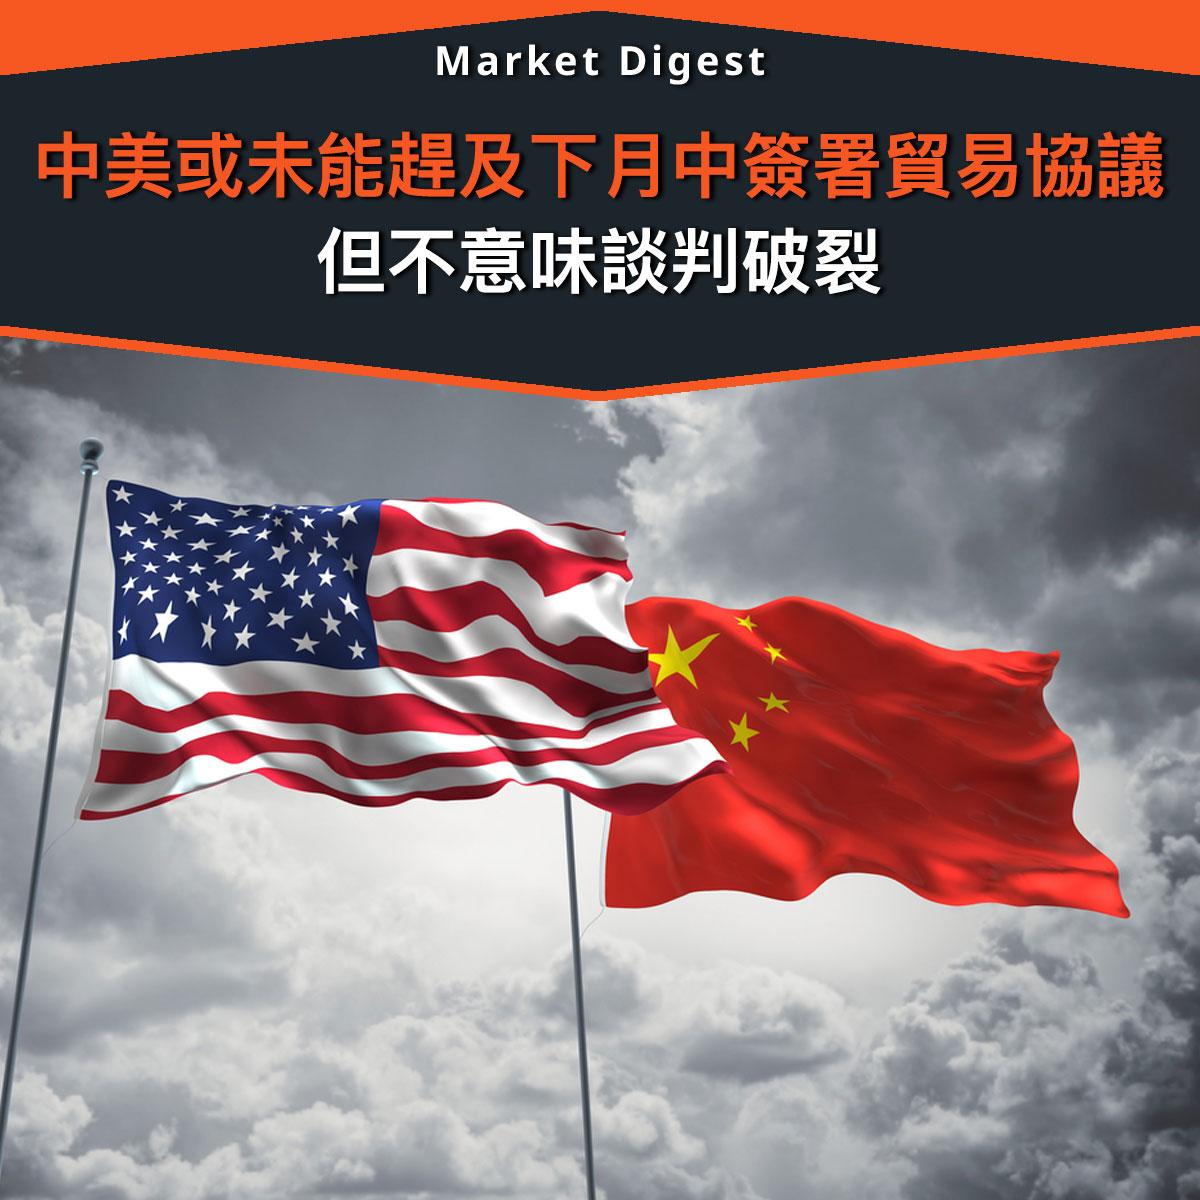 【中美貿易戰】中美或未能趕及下月中簽署貿易協議,但不意味談判破裂